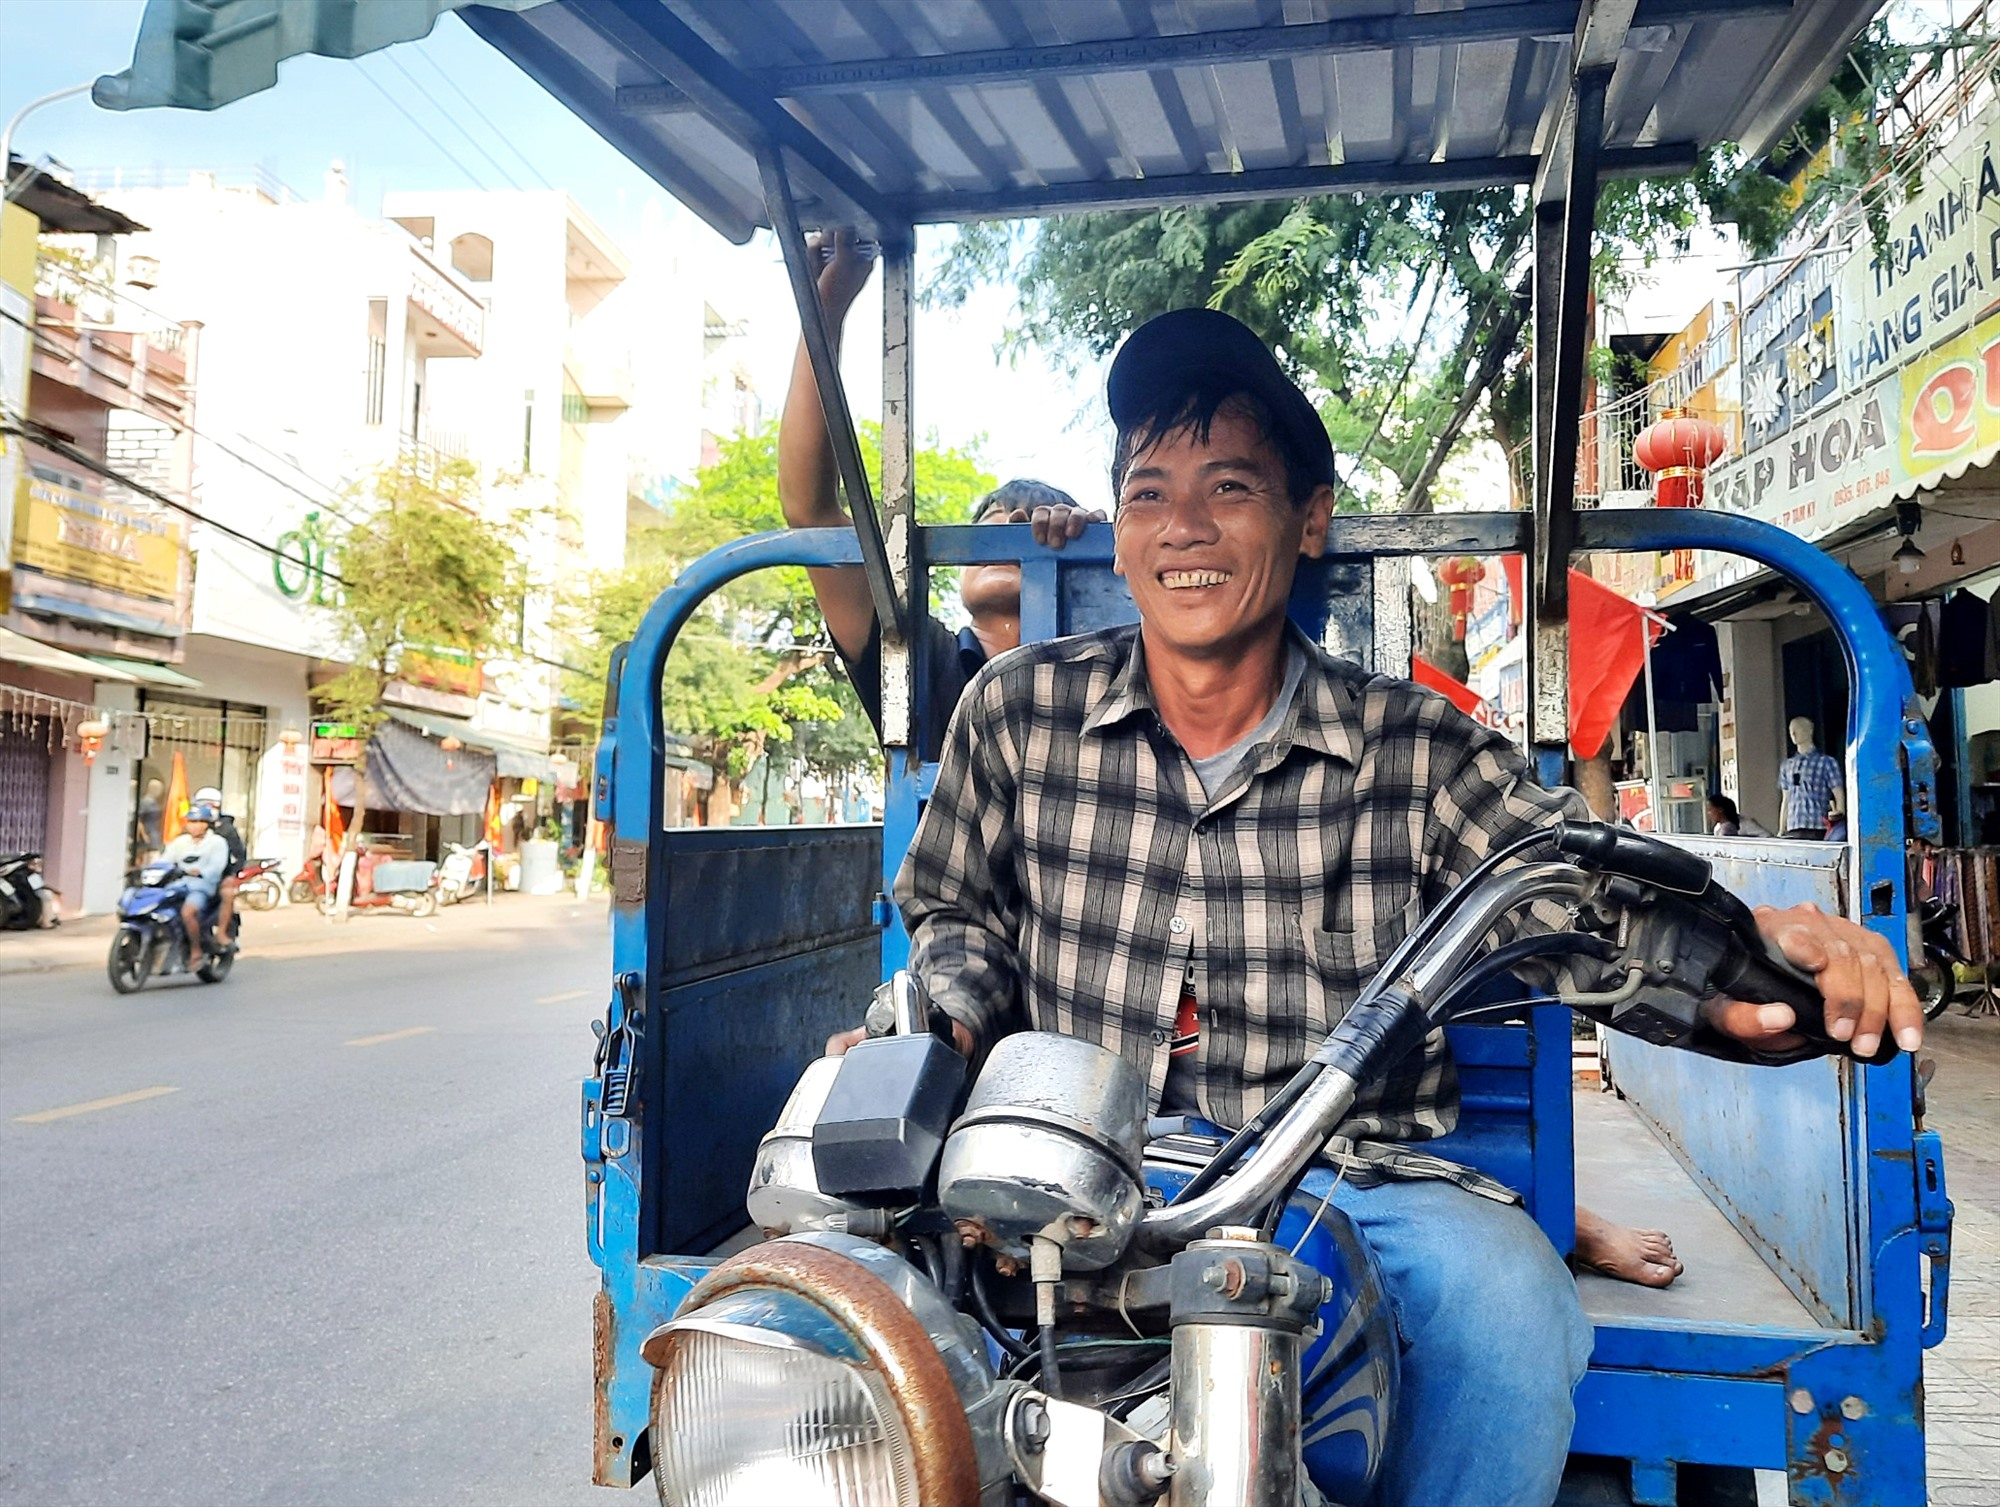 Sau nhiều cố gắng, anh Huỳnh Văn Bình đã có thể mỉm cười về tương lai của cuộc đời mình. Ảnh: C.Q